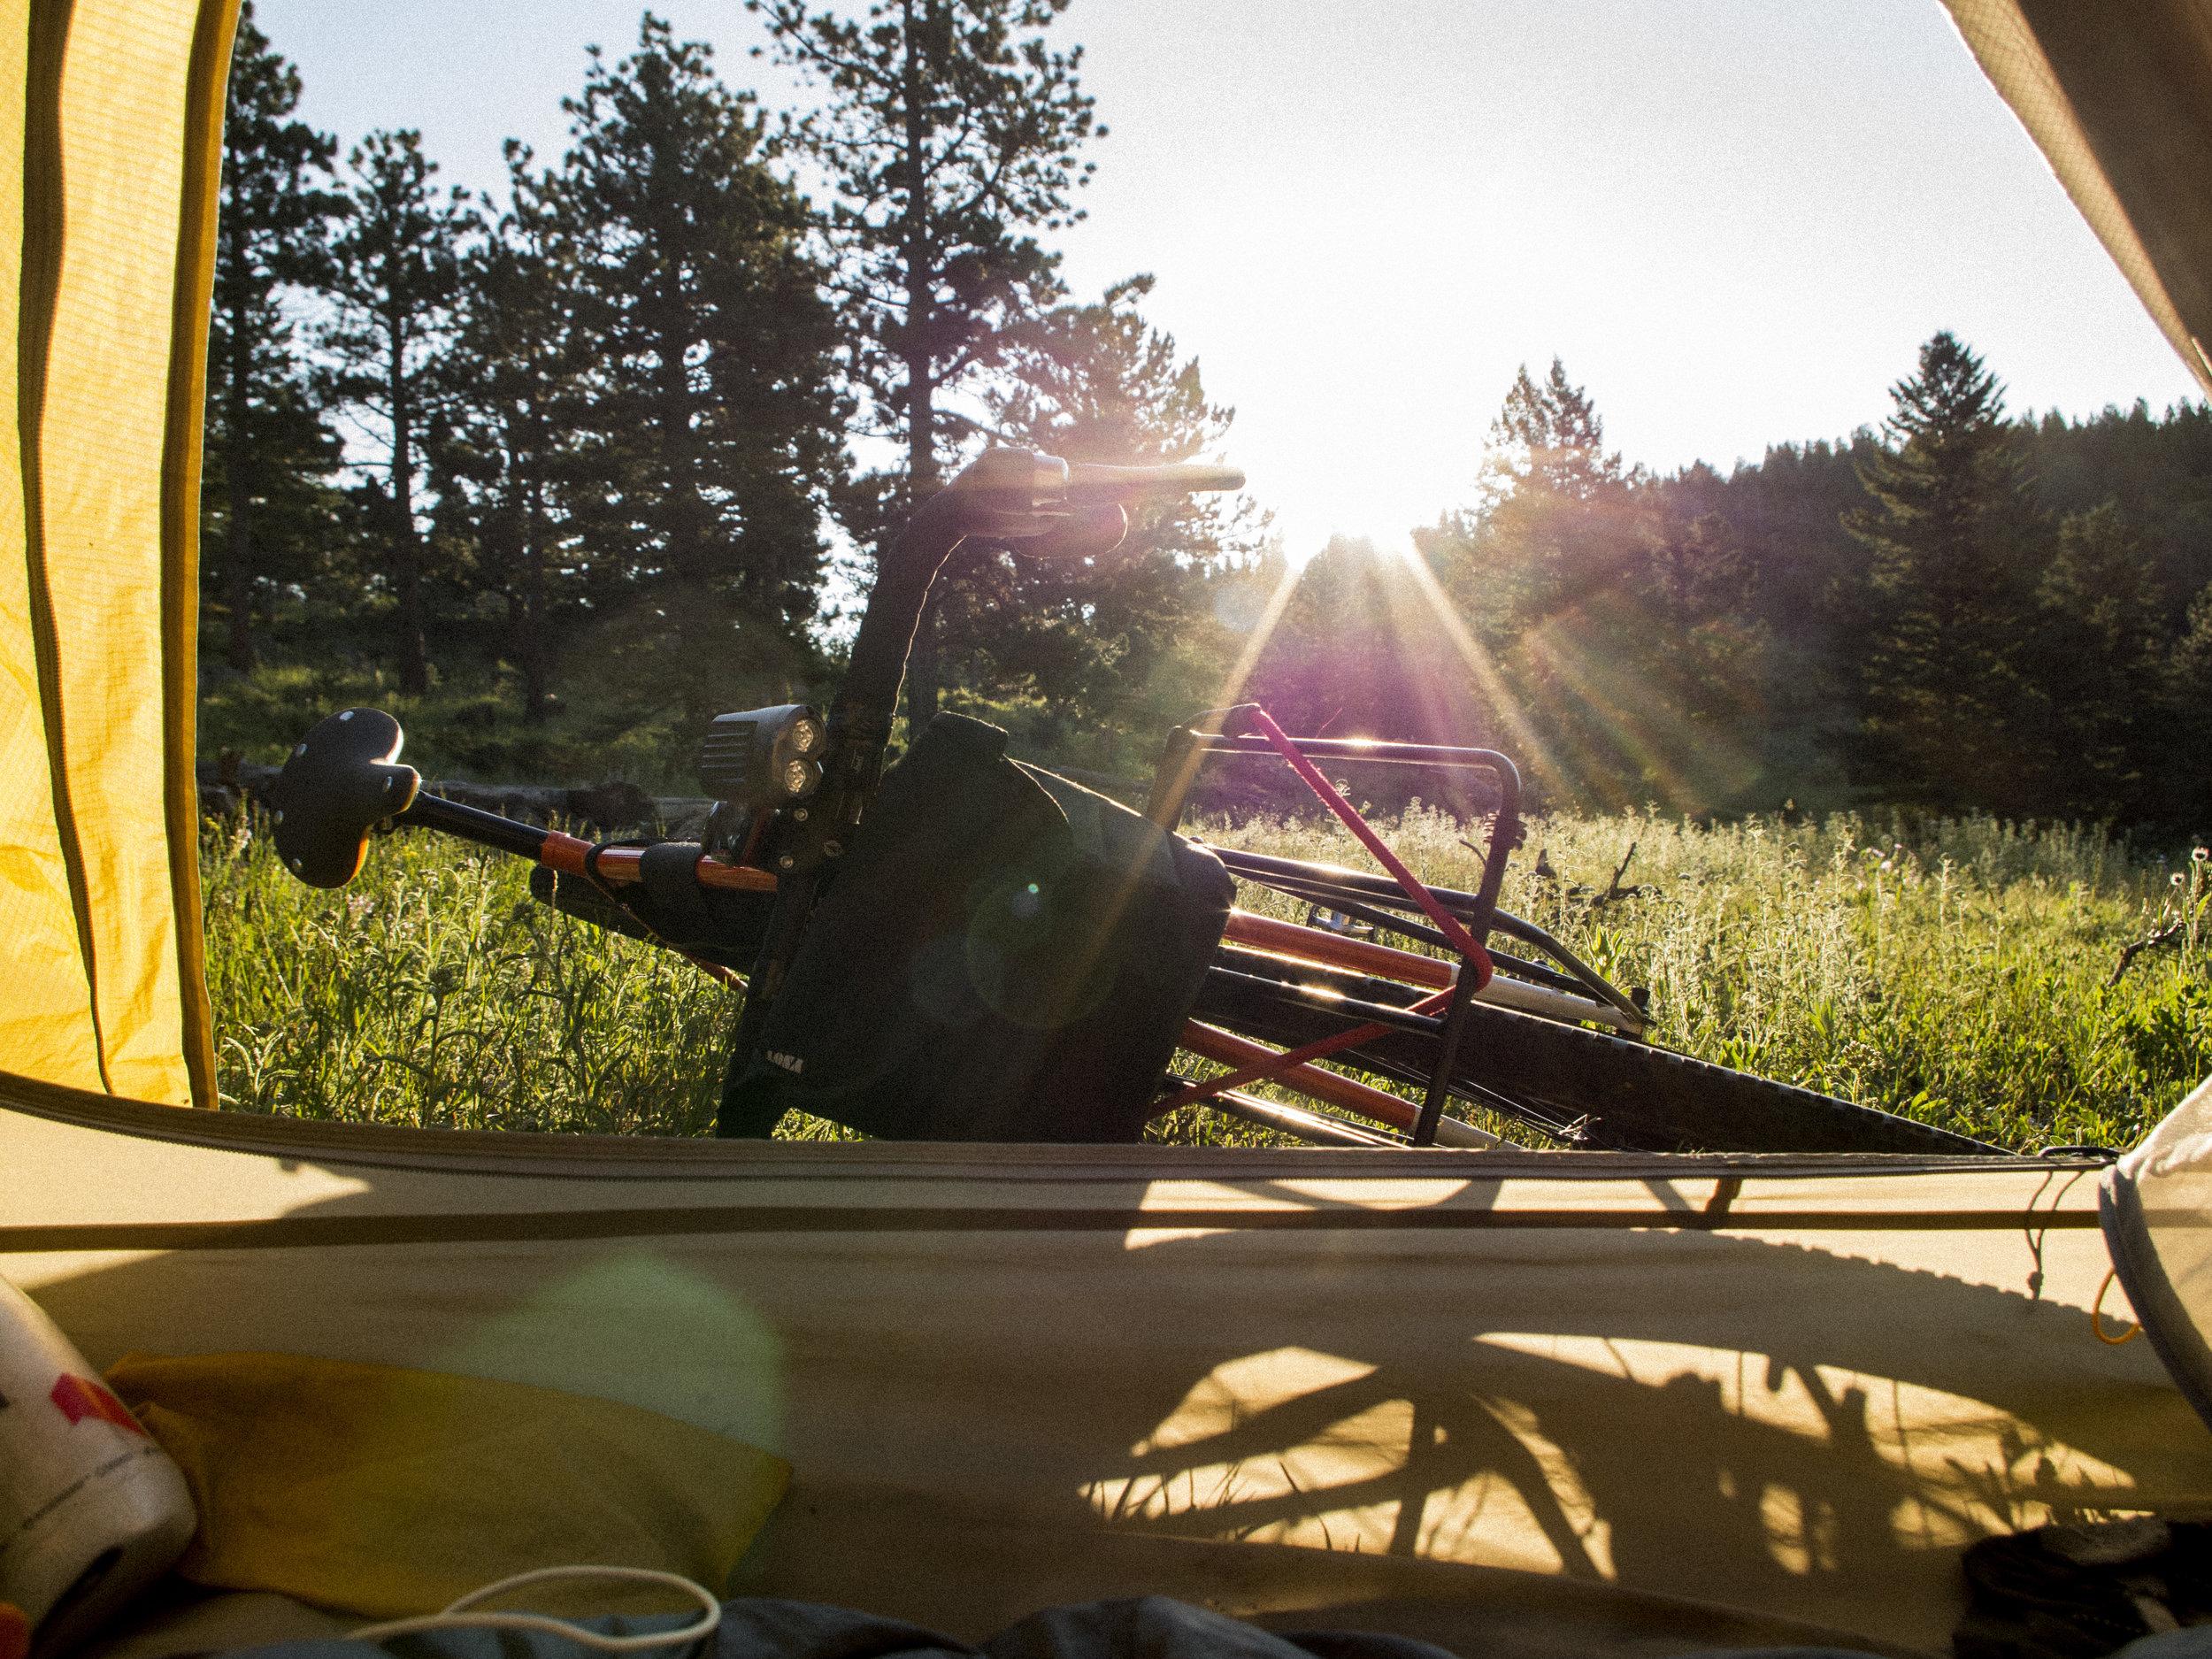 bike-camping_19416208011_o.jpg